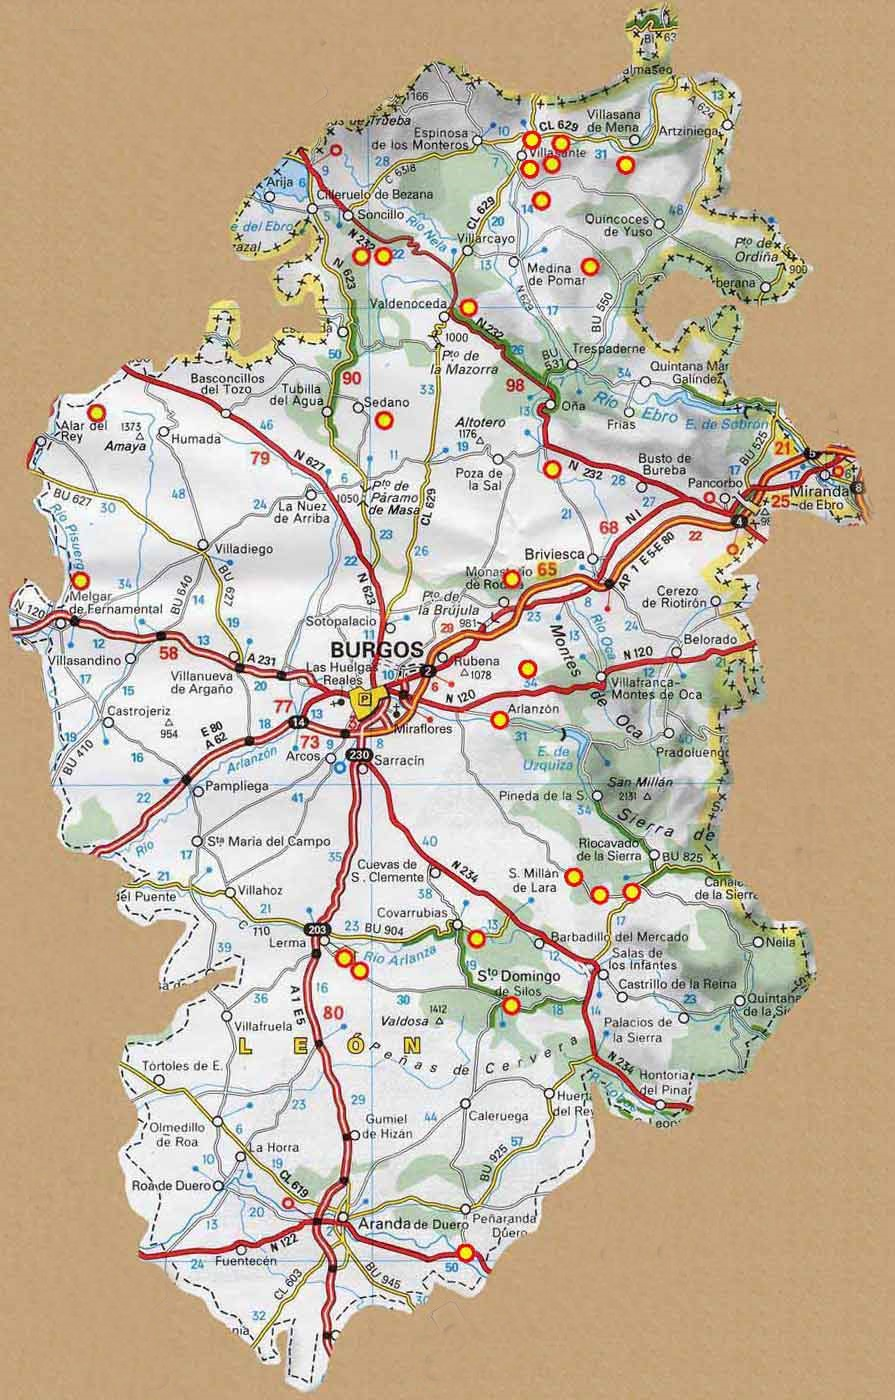 Mapa Turistico Burgos Provincia.Mapa De Burgos Mapa Fisico Geografico Politico